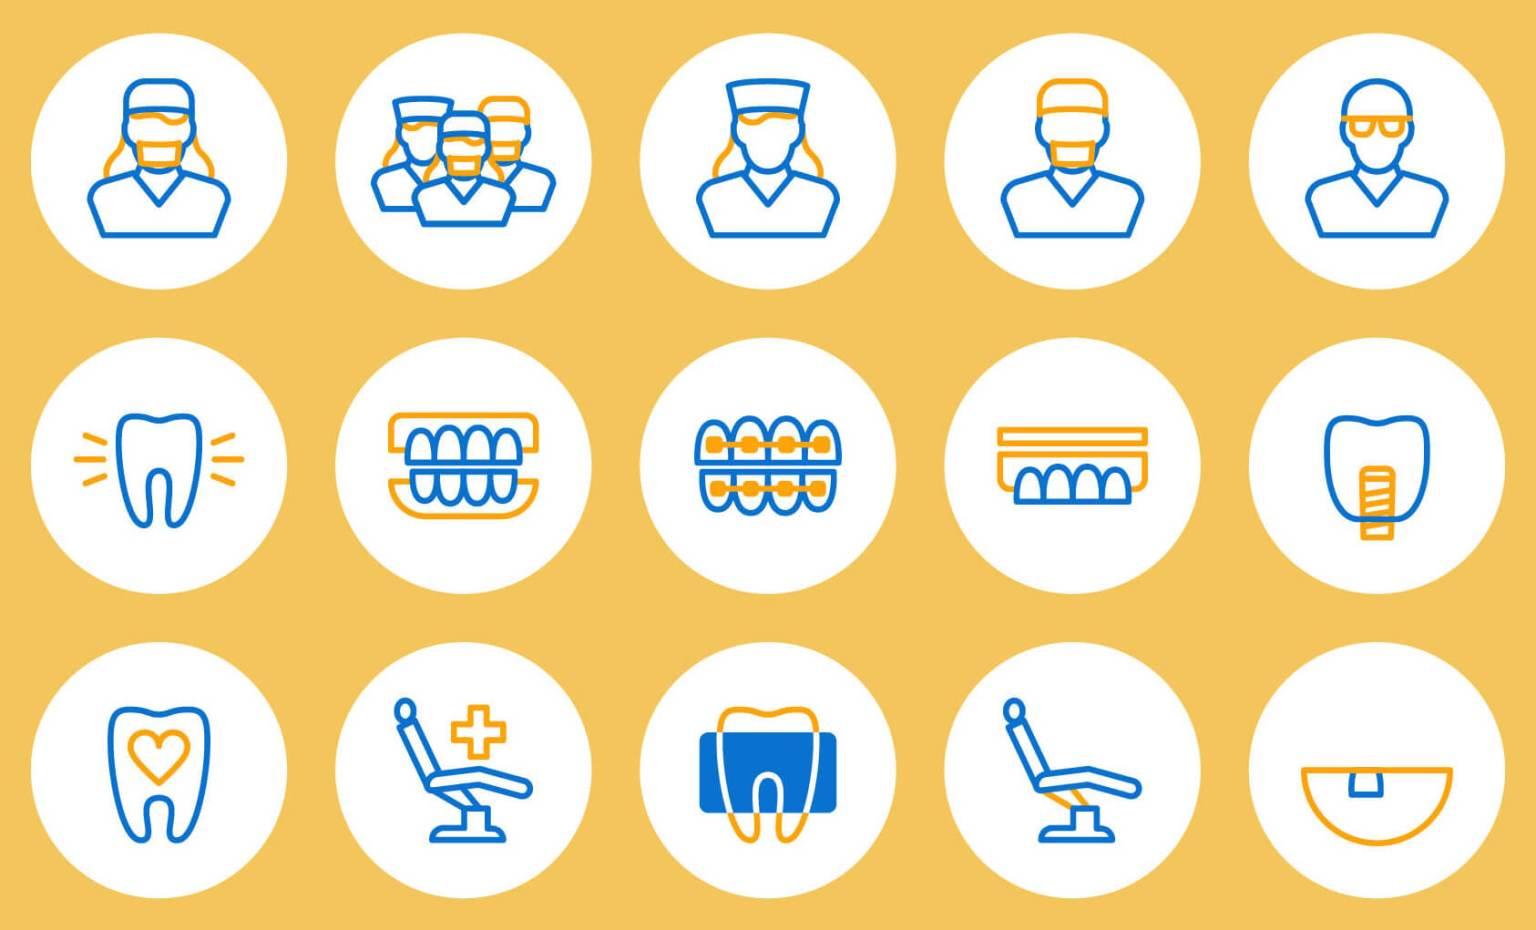 Icone personalizzate per specializzazioni dentista